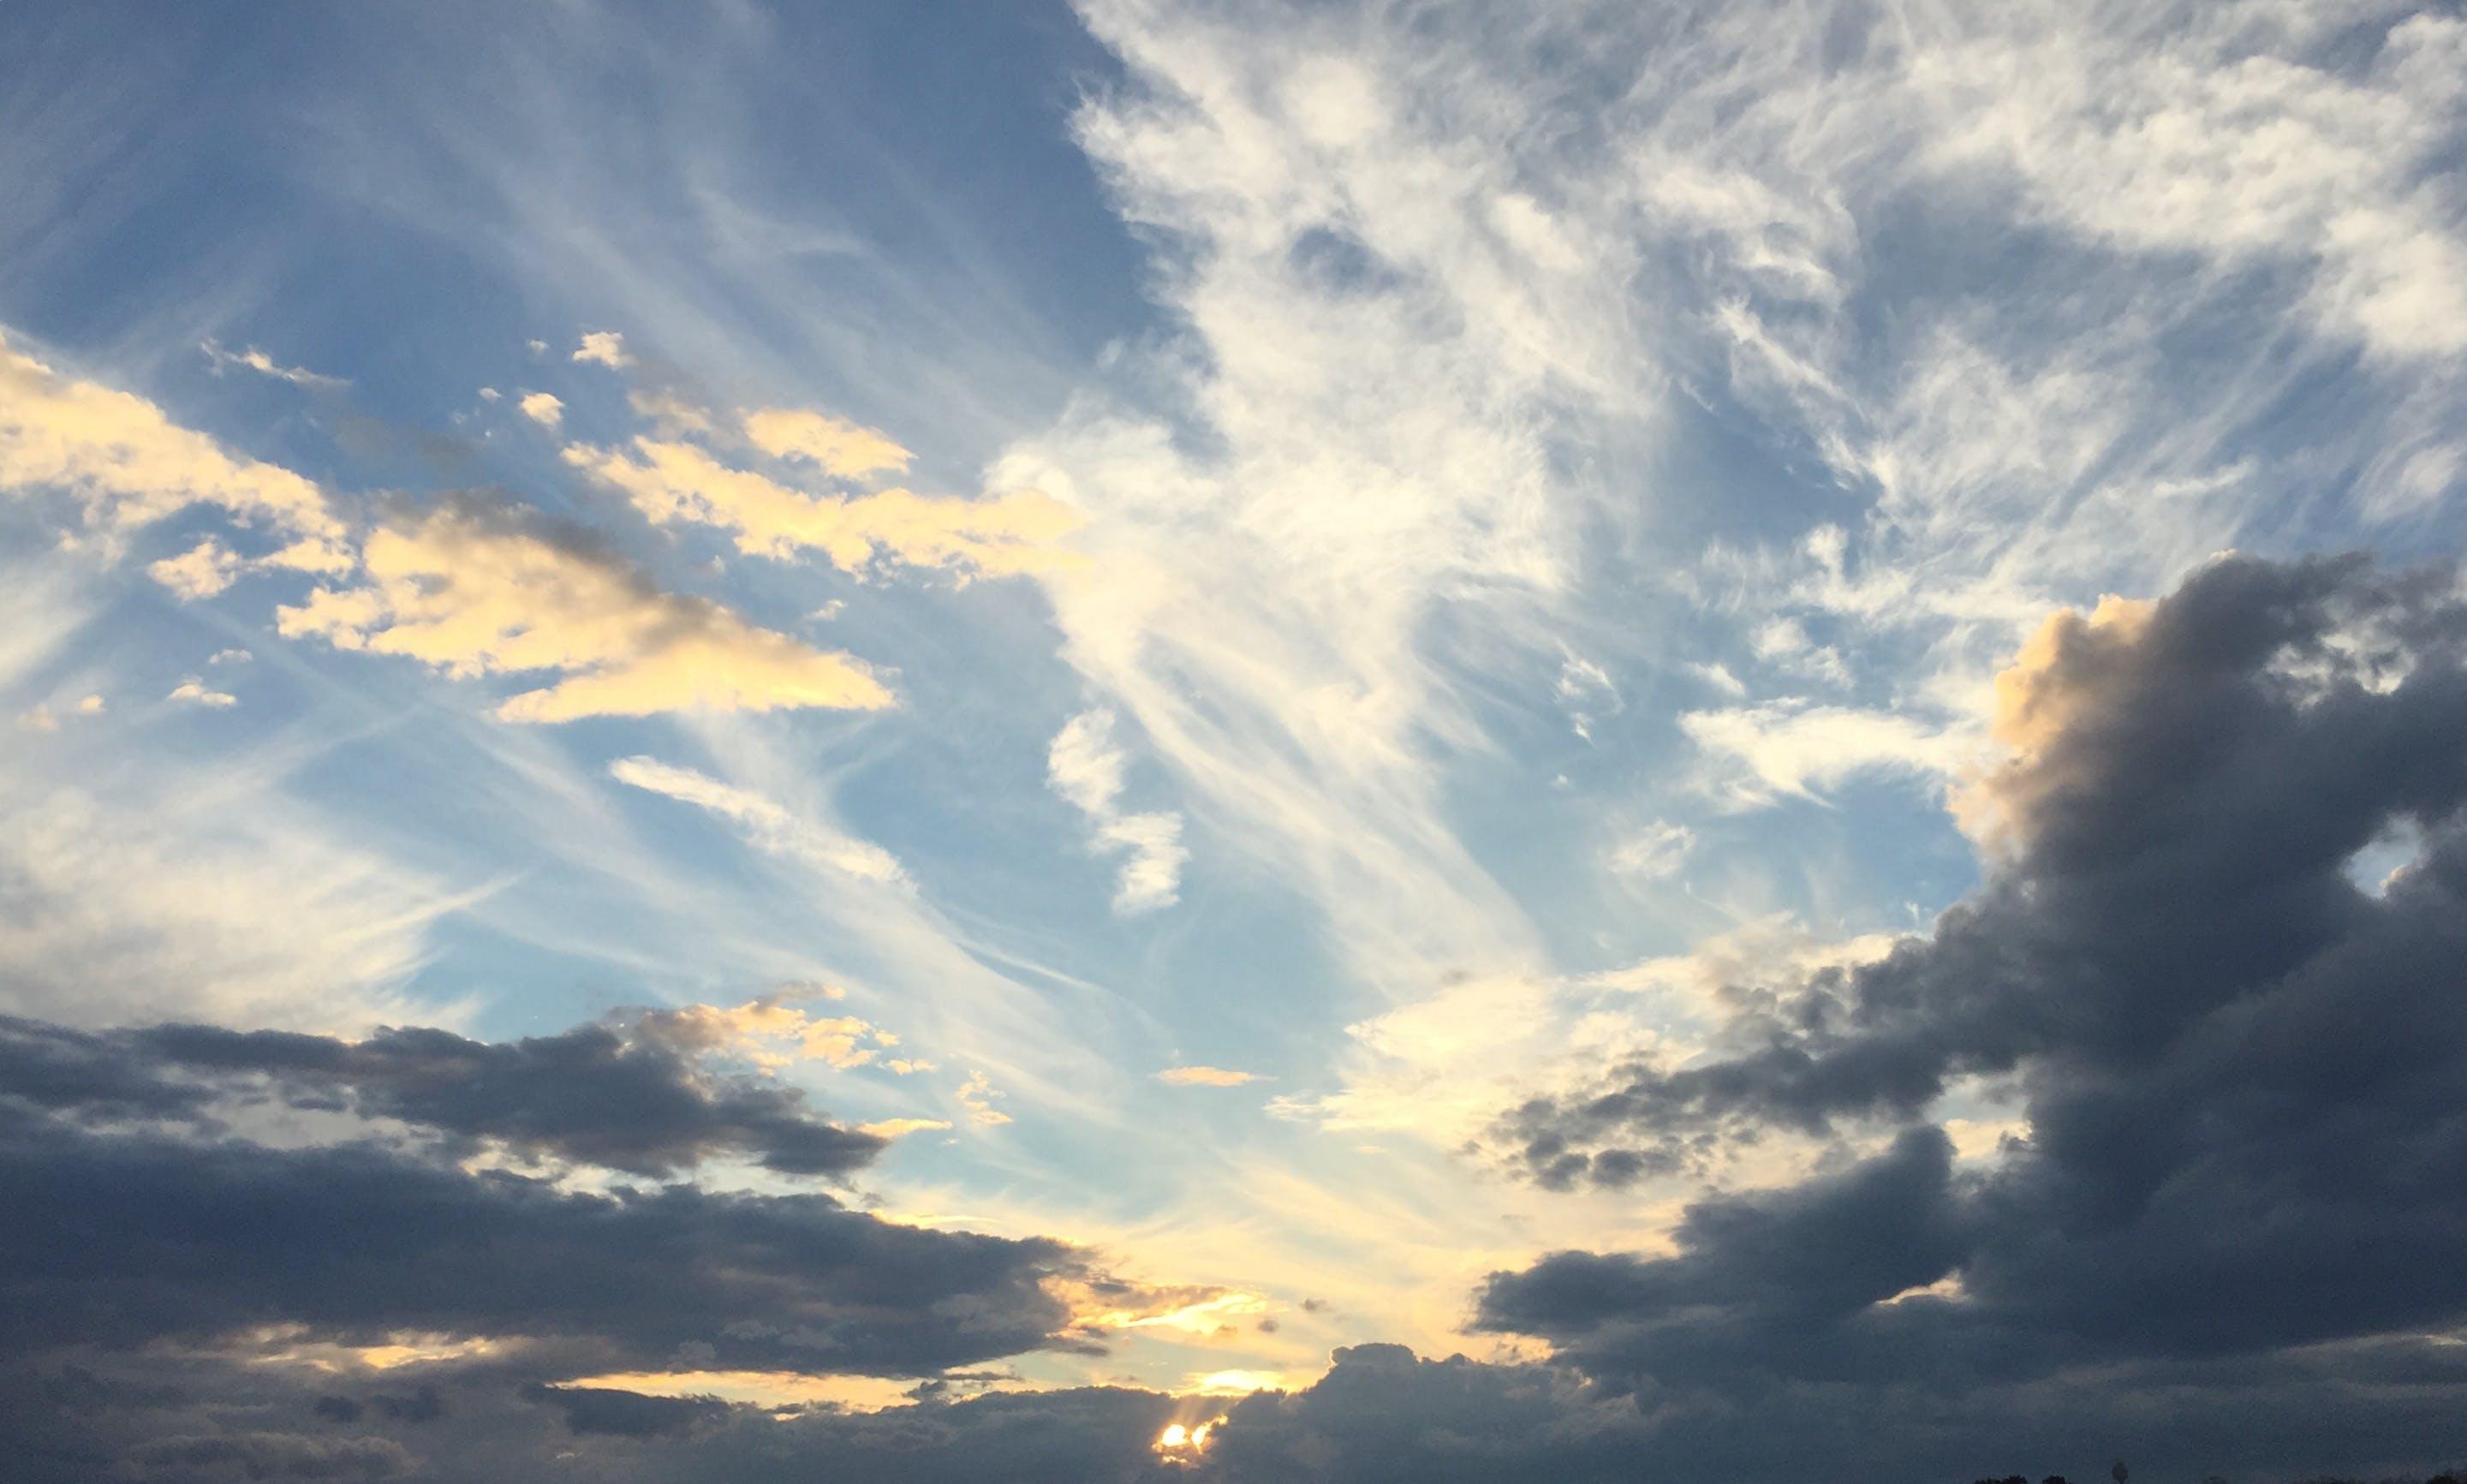 Kostenloses Stock Foto zu natur, himmel, wolken, blauer himmel